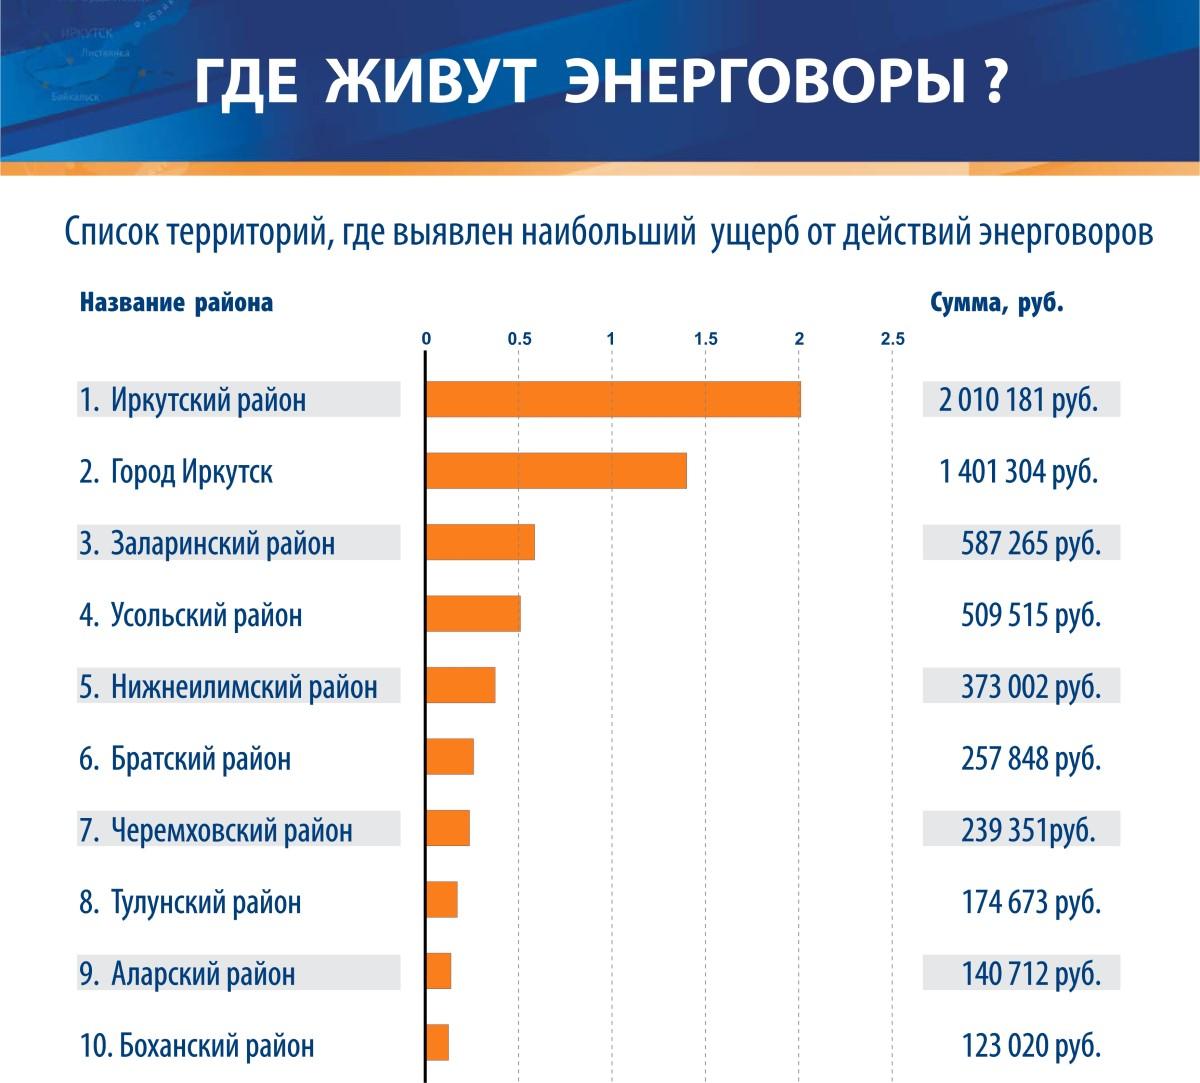 «Иркутская электросетевая компания» составила антирейтинг территорий по числу незаконных подключений